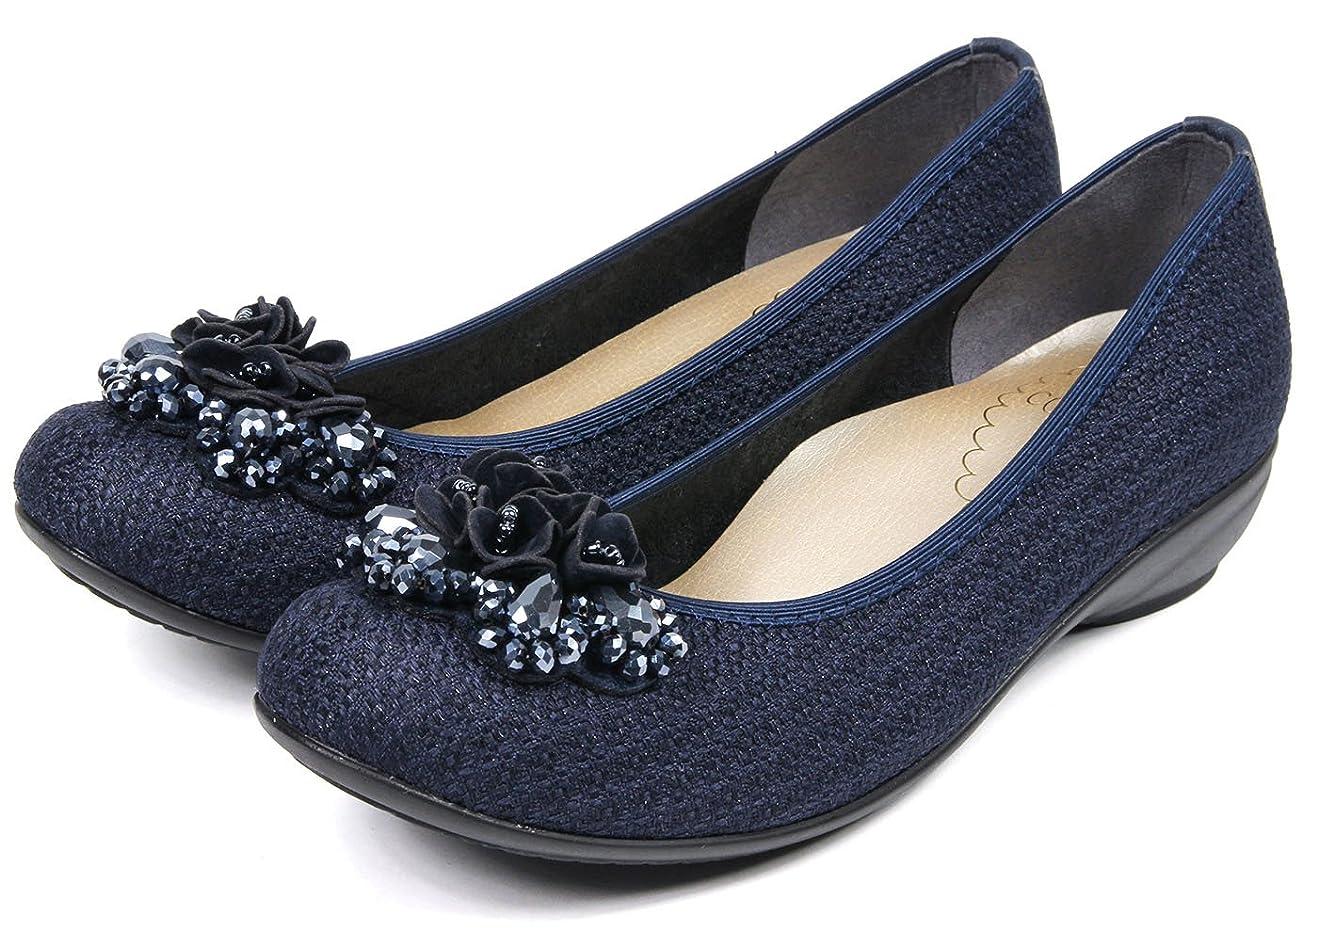 ペルメル好き水[セレブル] ファーストコンタクト FIRST CONTACT 日本製 パンプス レディース 歩きやすい ぺたんこ ビジュー 疲れない 靴